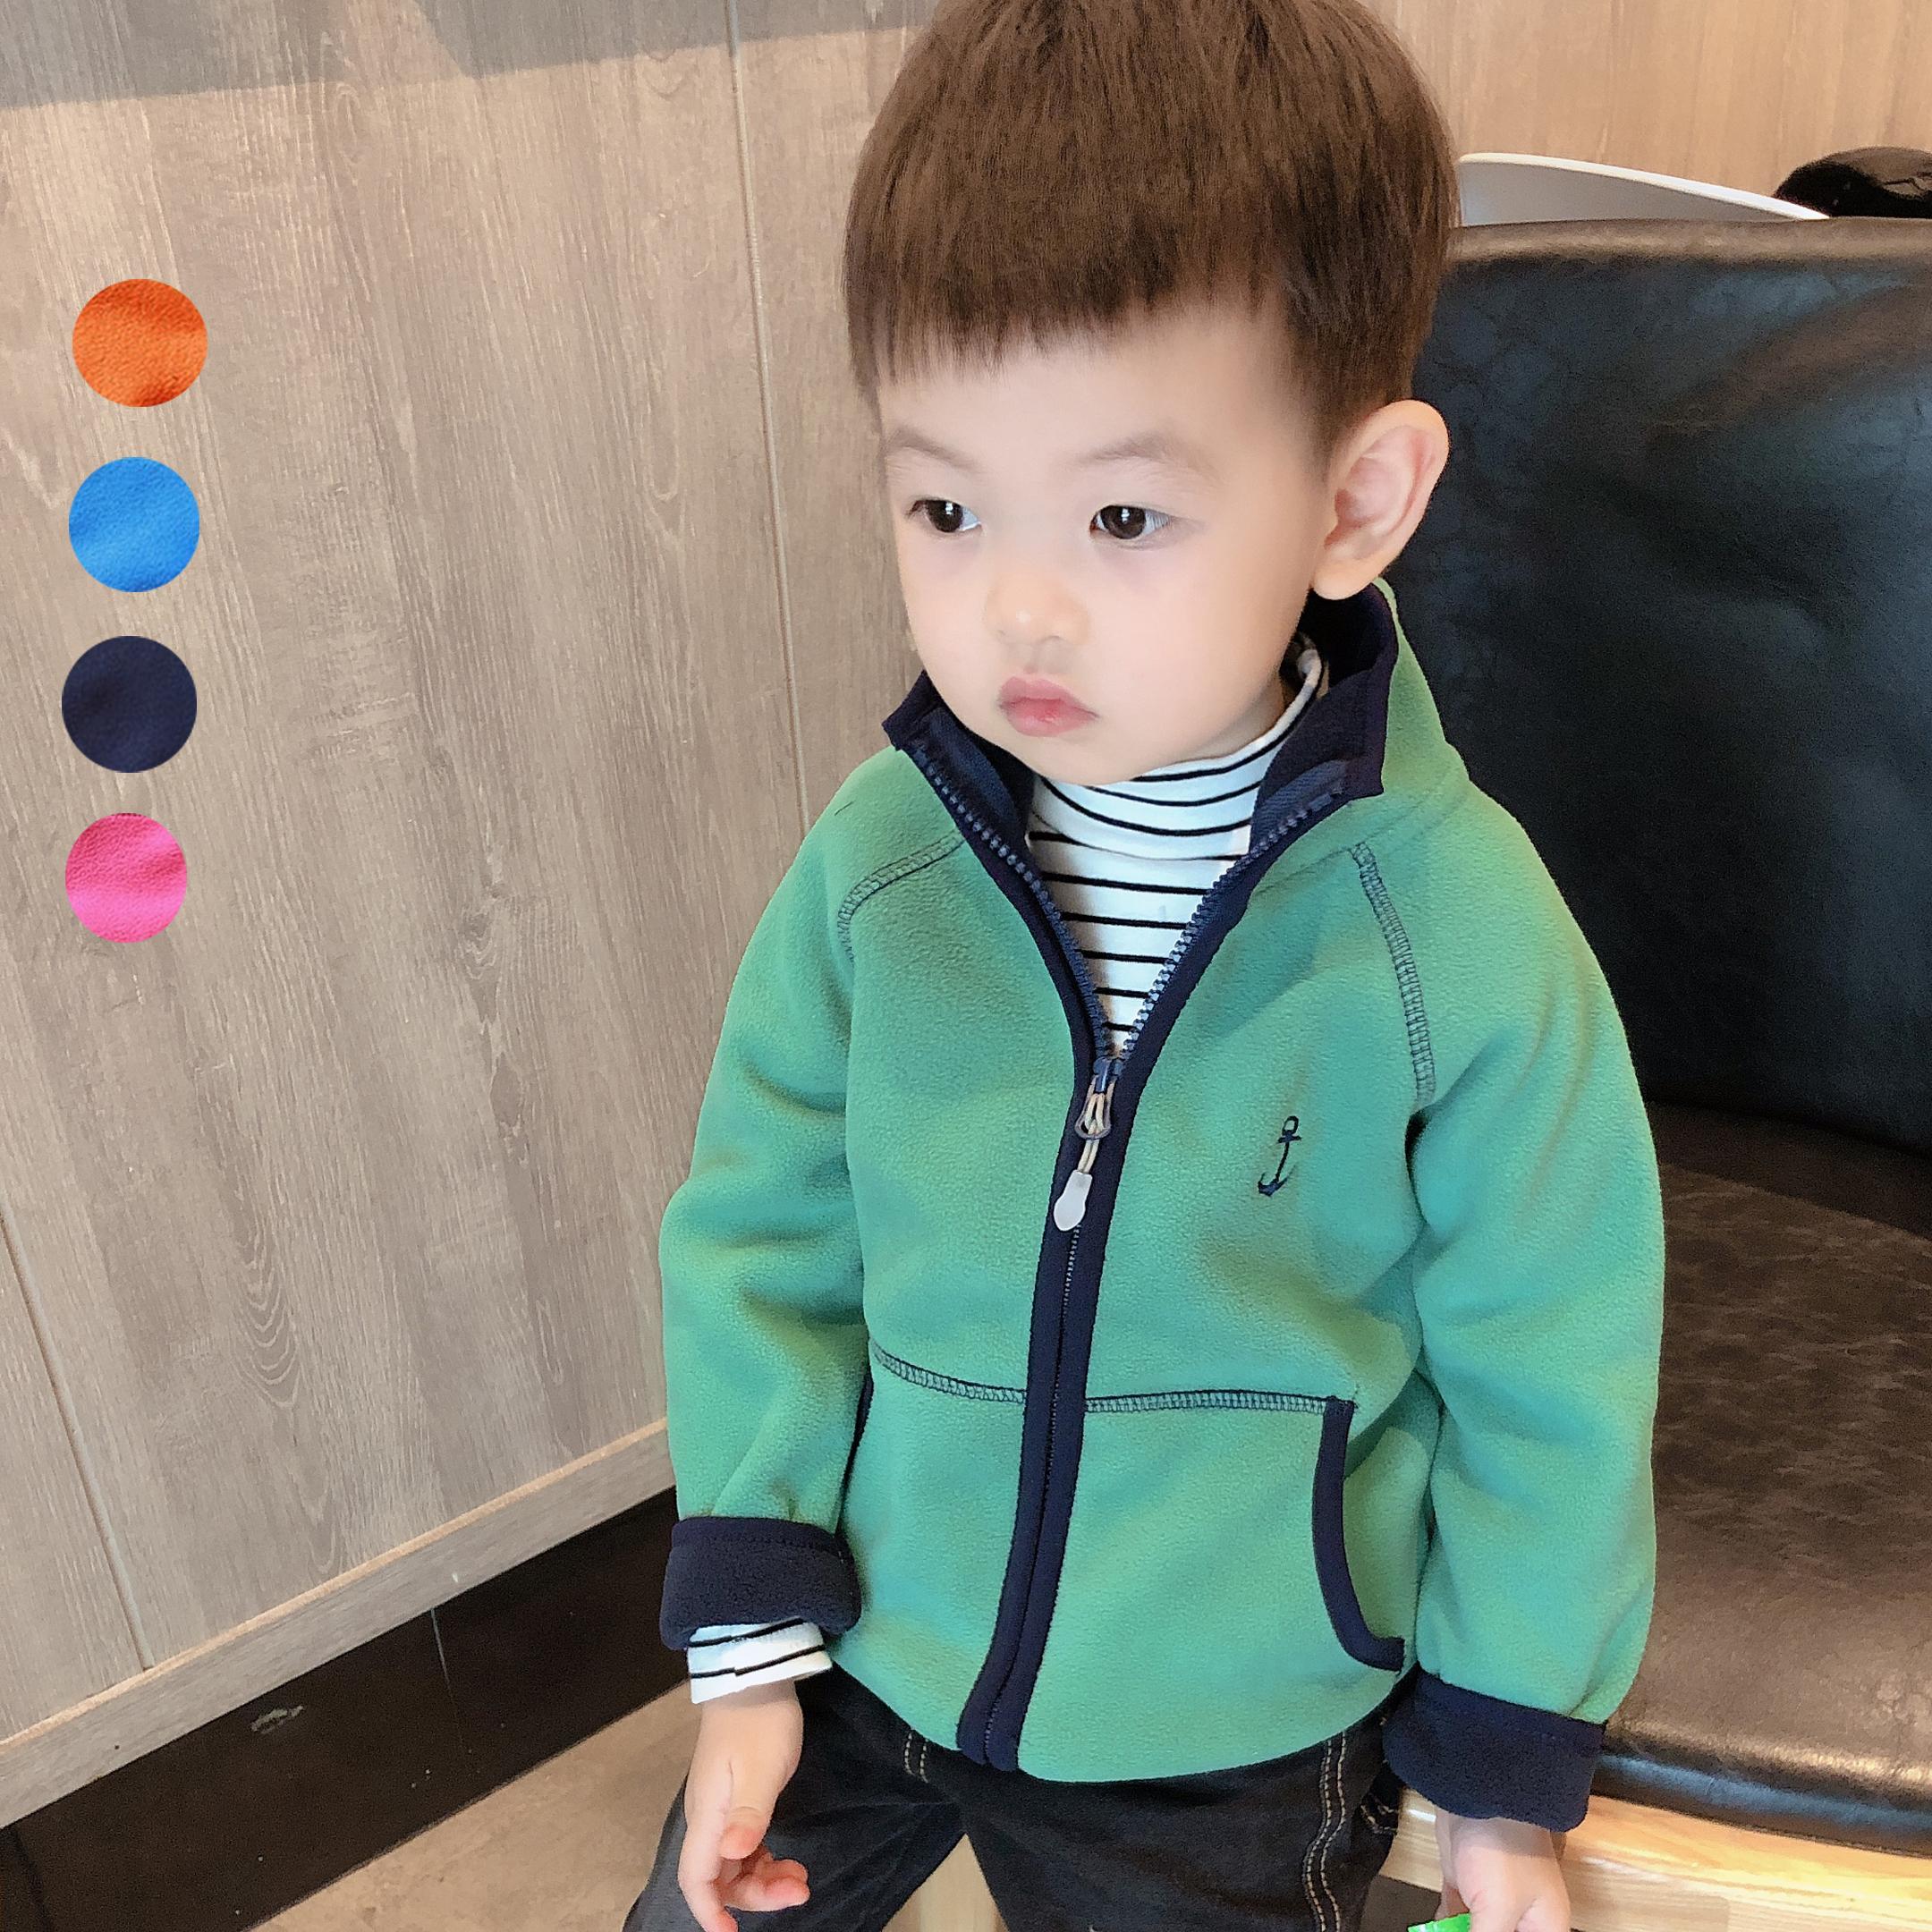 儿童外套春秋装新款宝宝摇粒绒开衫上衣2021童装男童薄绒外套洋气